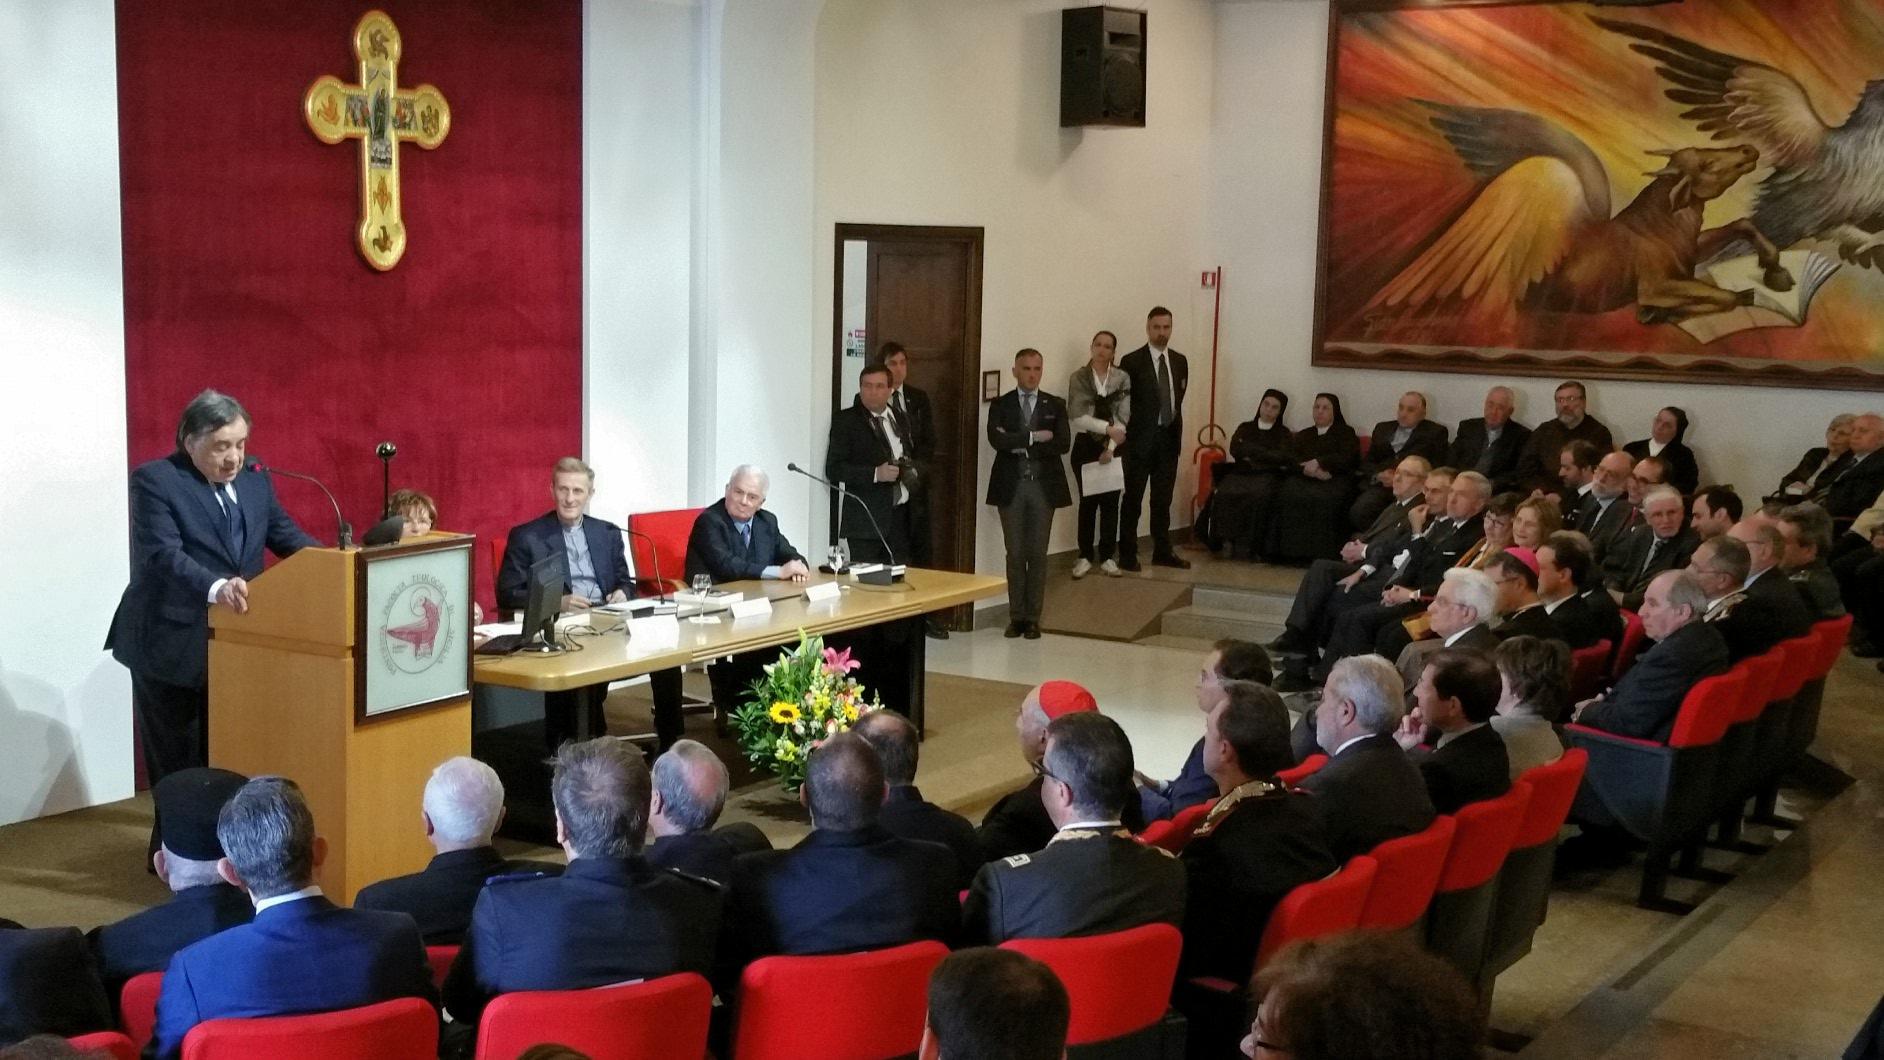 Applausi per mattarella a palermo il ricordo del cardinale for Facolta architettura palermo